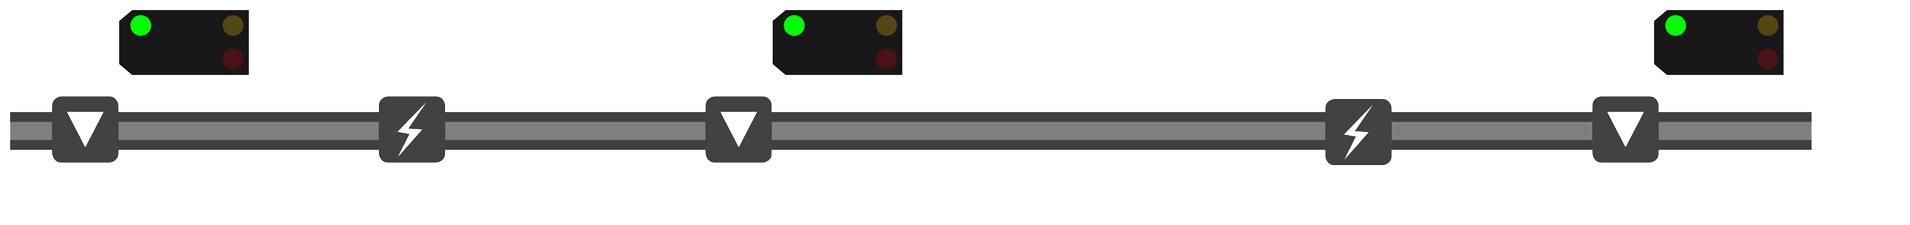 Visualisierung der ALAN Blocksignalisierung - Bild 01 von 18